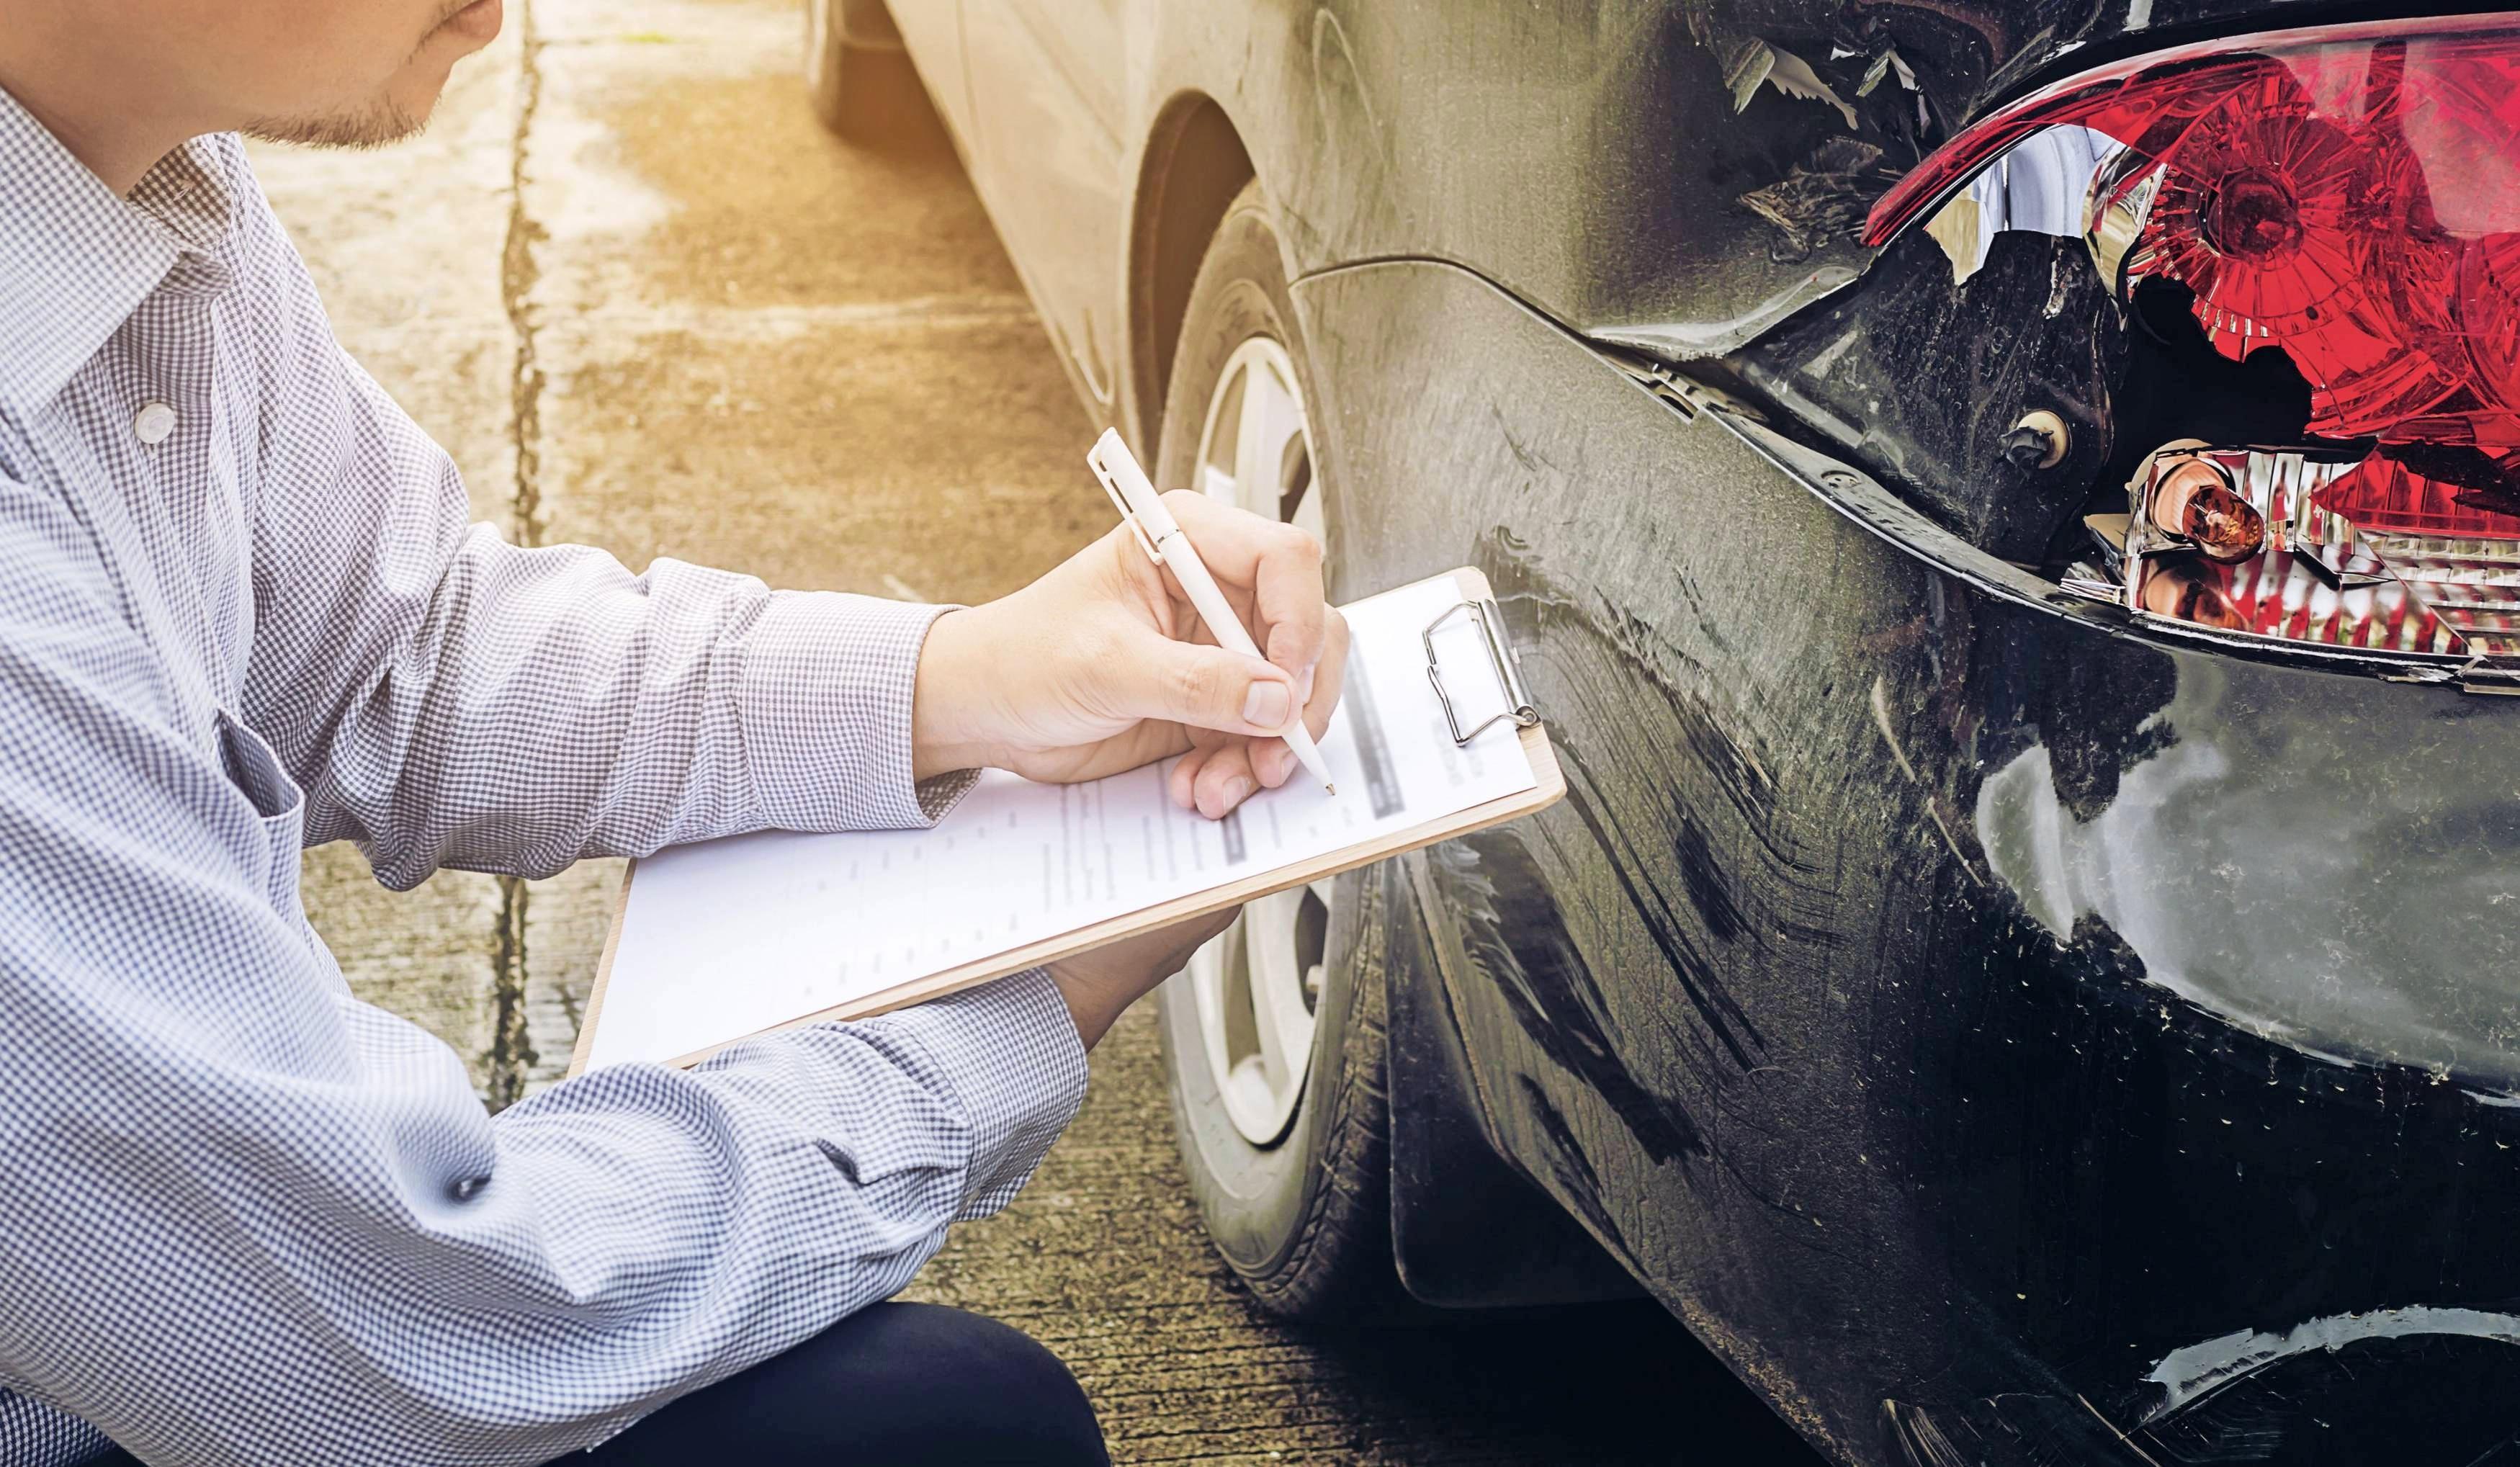 Von der gegnerischen Versicherung muss man sich keinen bestimmten Gutachter aufdrängen lassen.